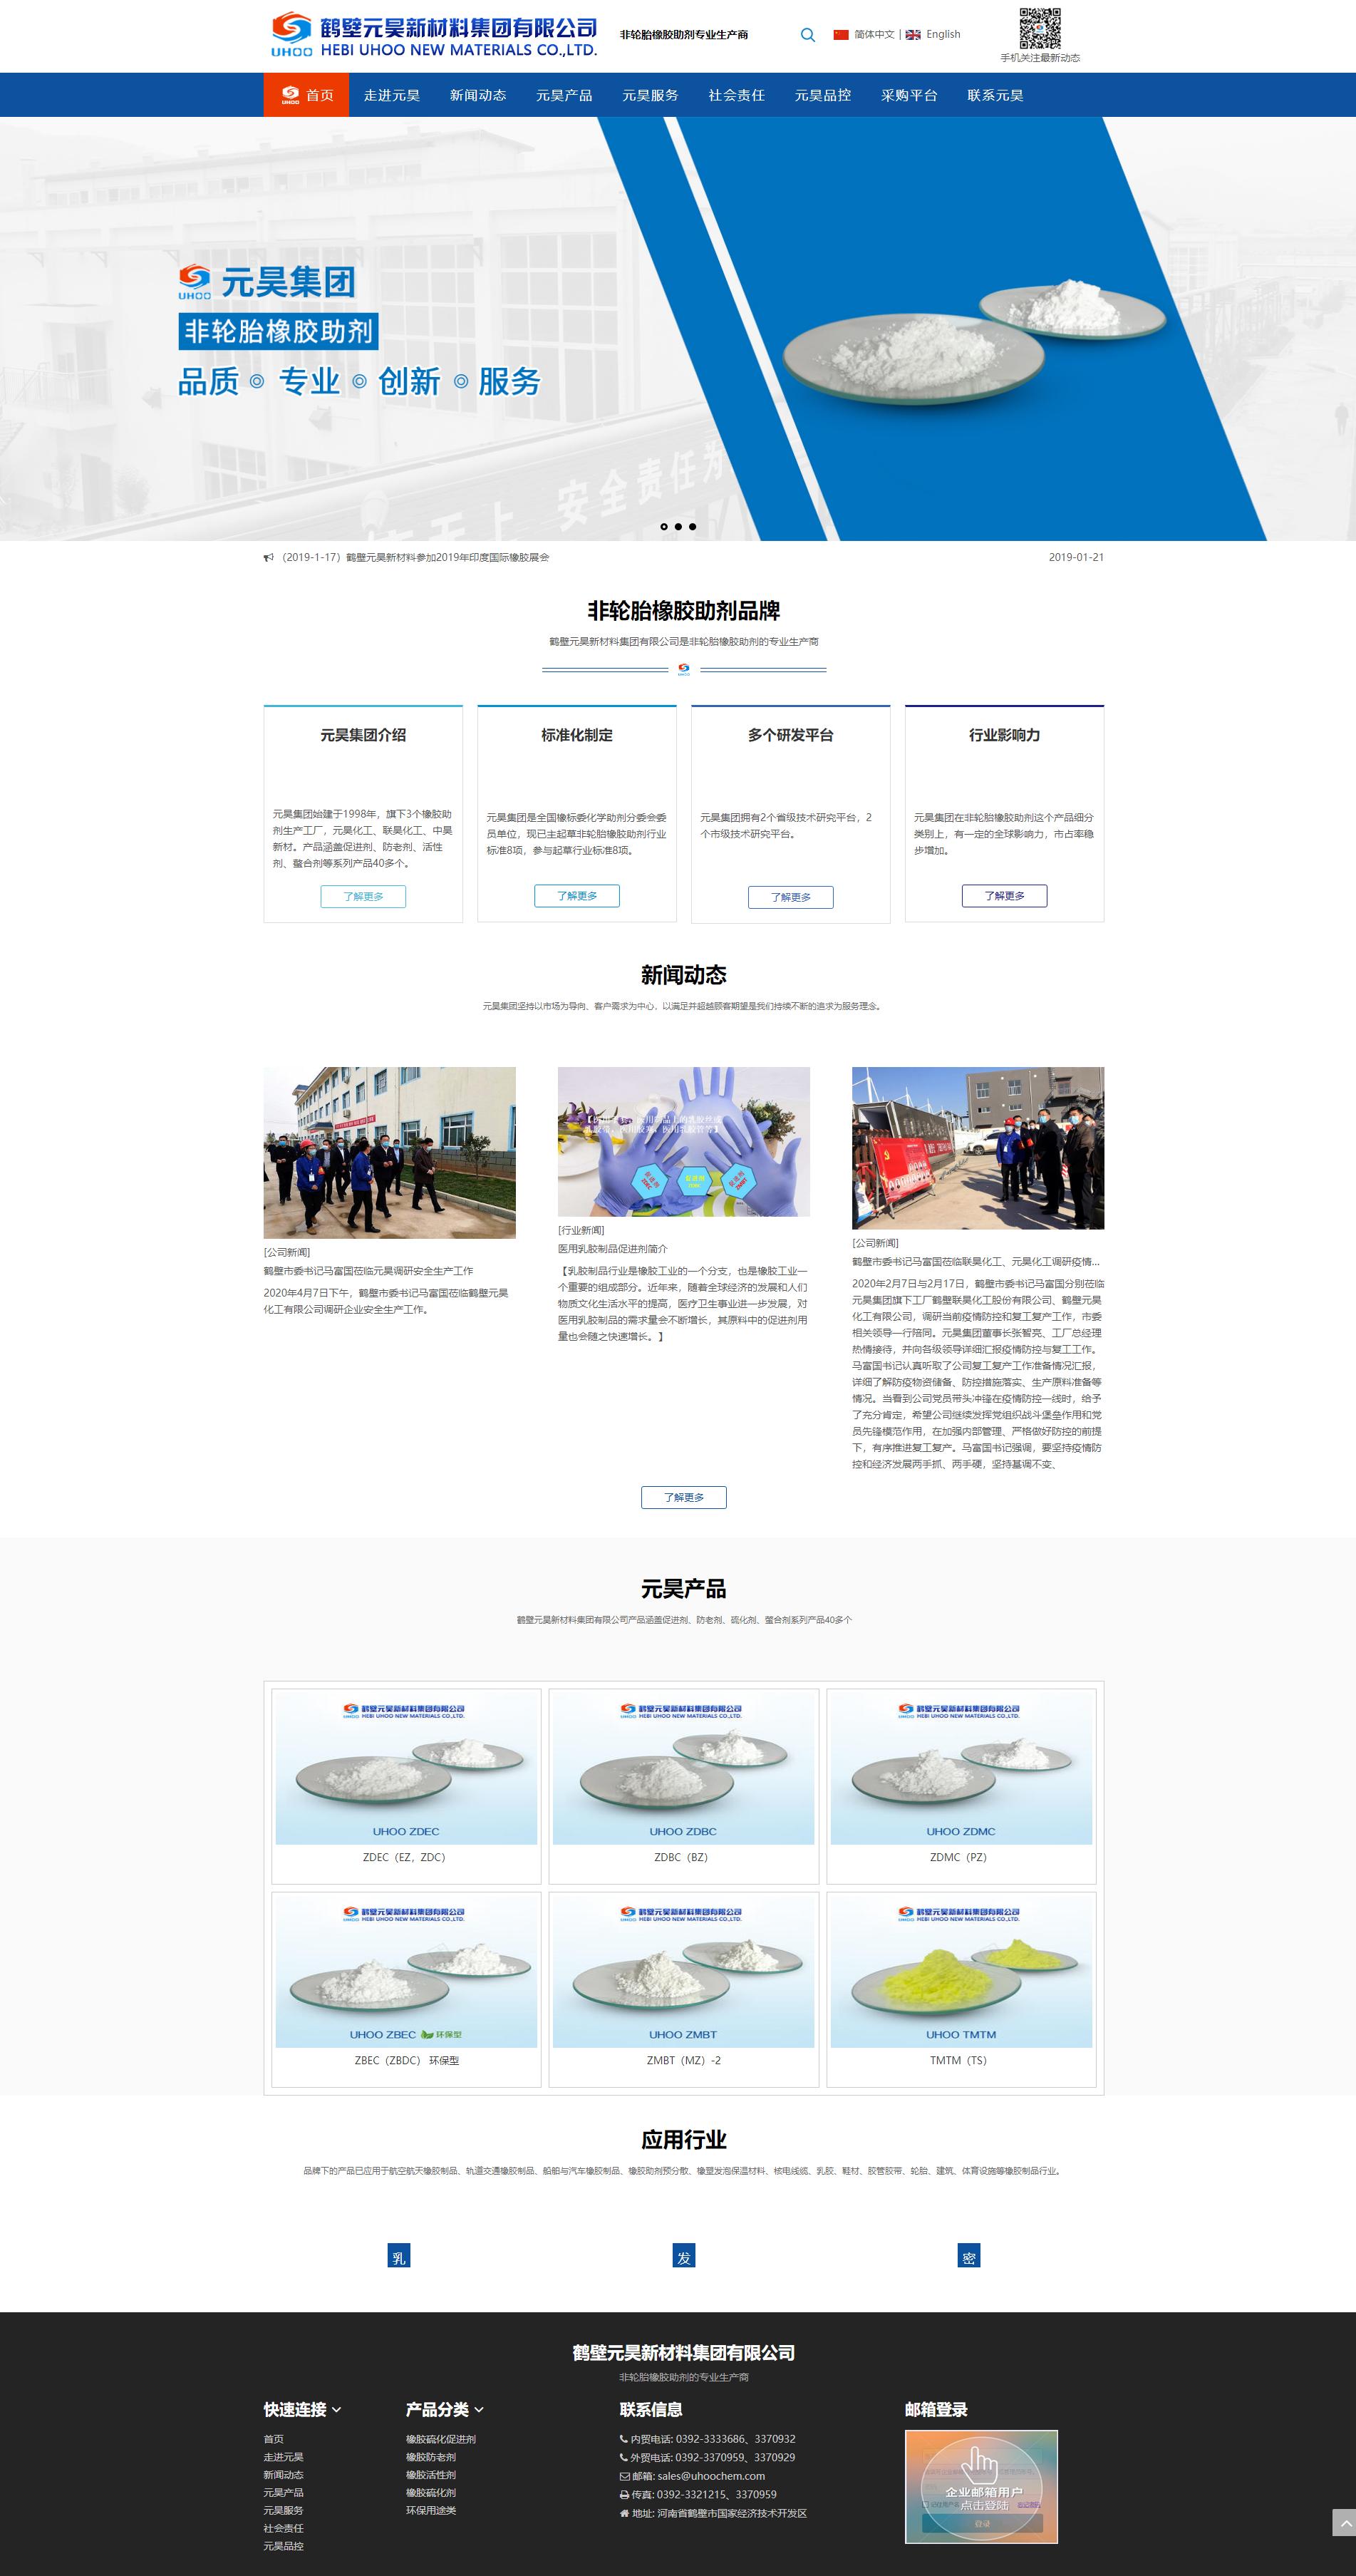 鶴壁元昊新材料集團有限公司